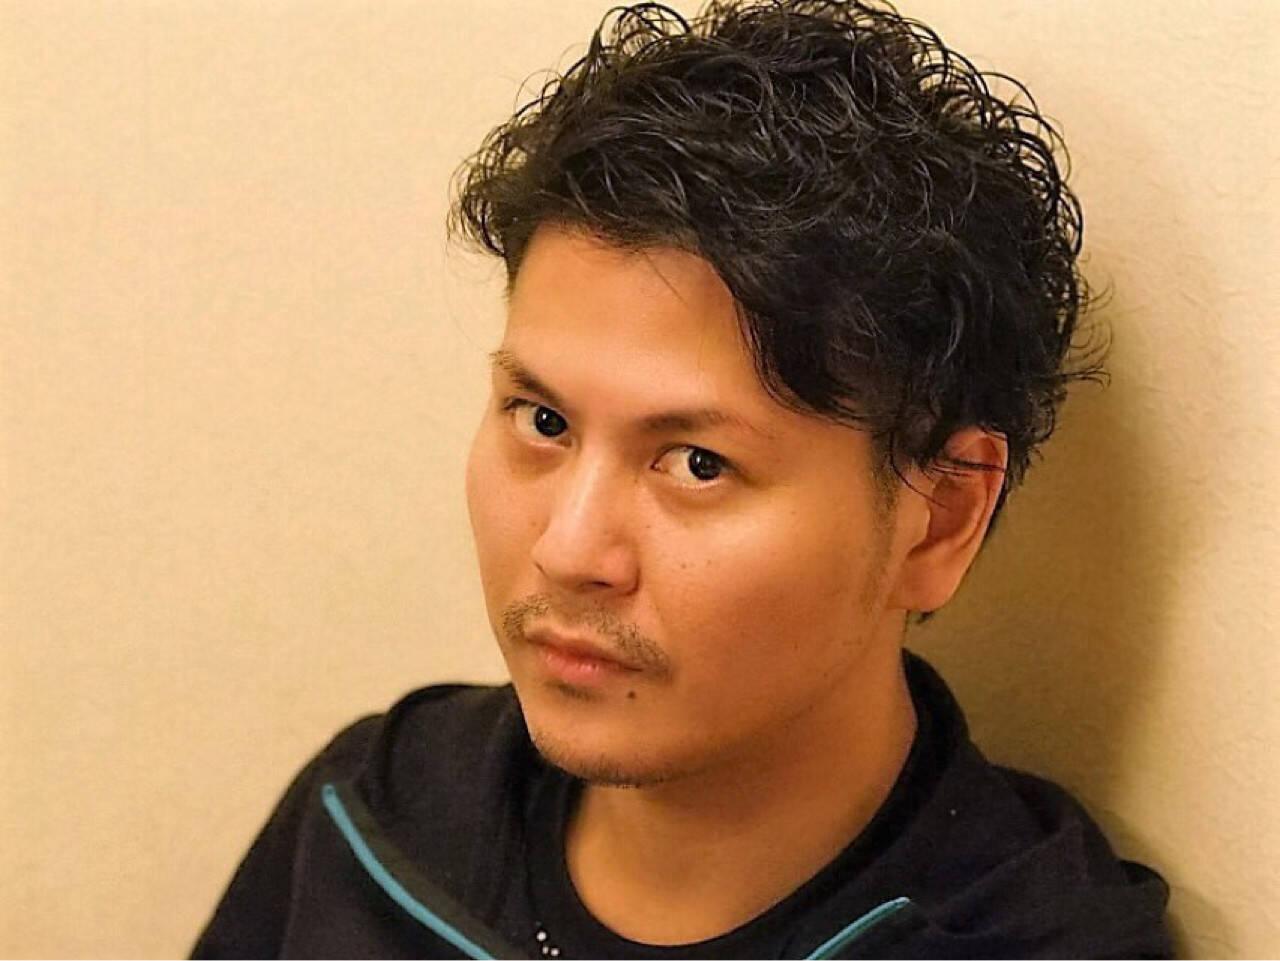 ボーイッシュ 黒髪 ショート メンズヘアスタイルや髪型の写真・画像